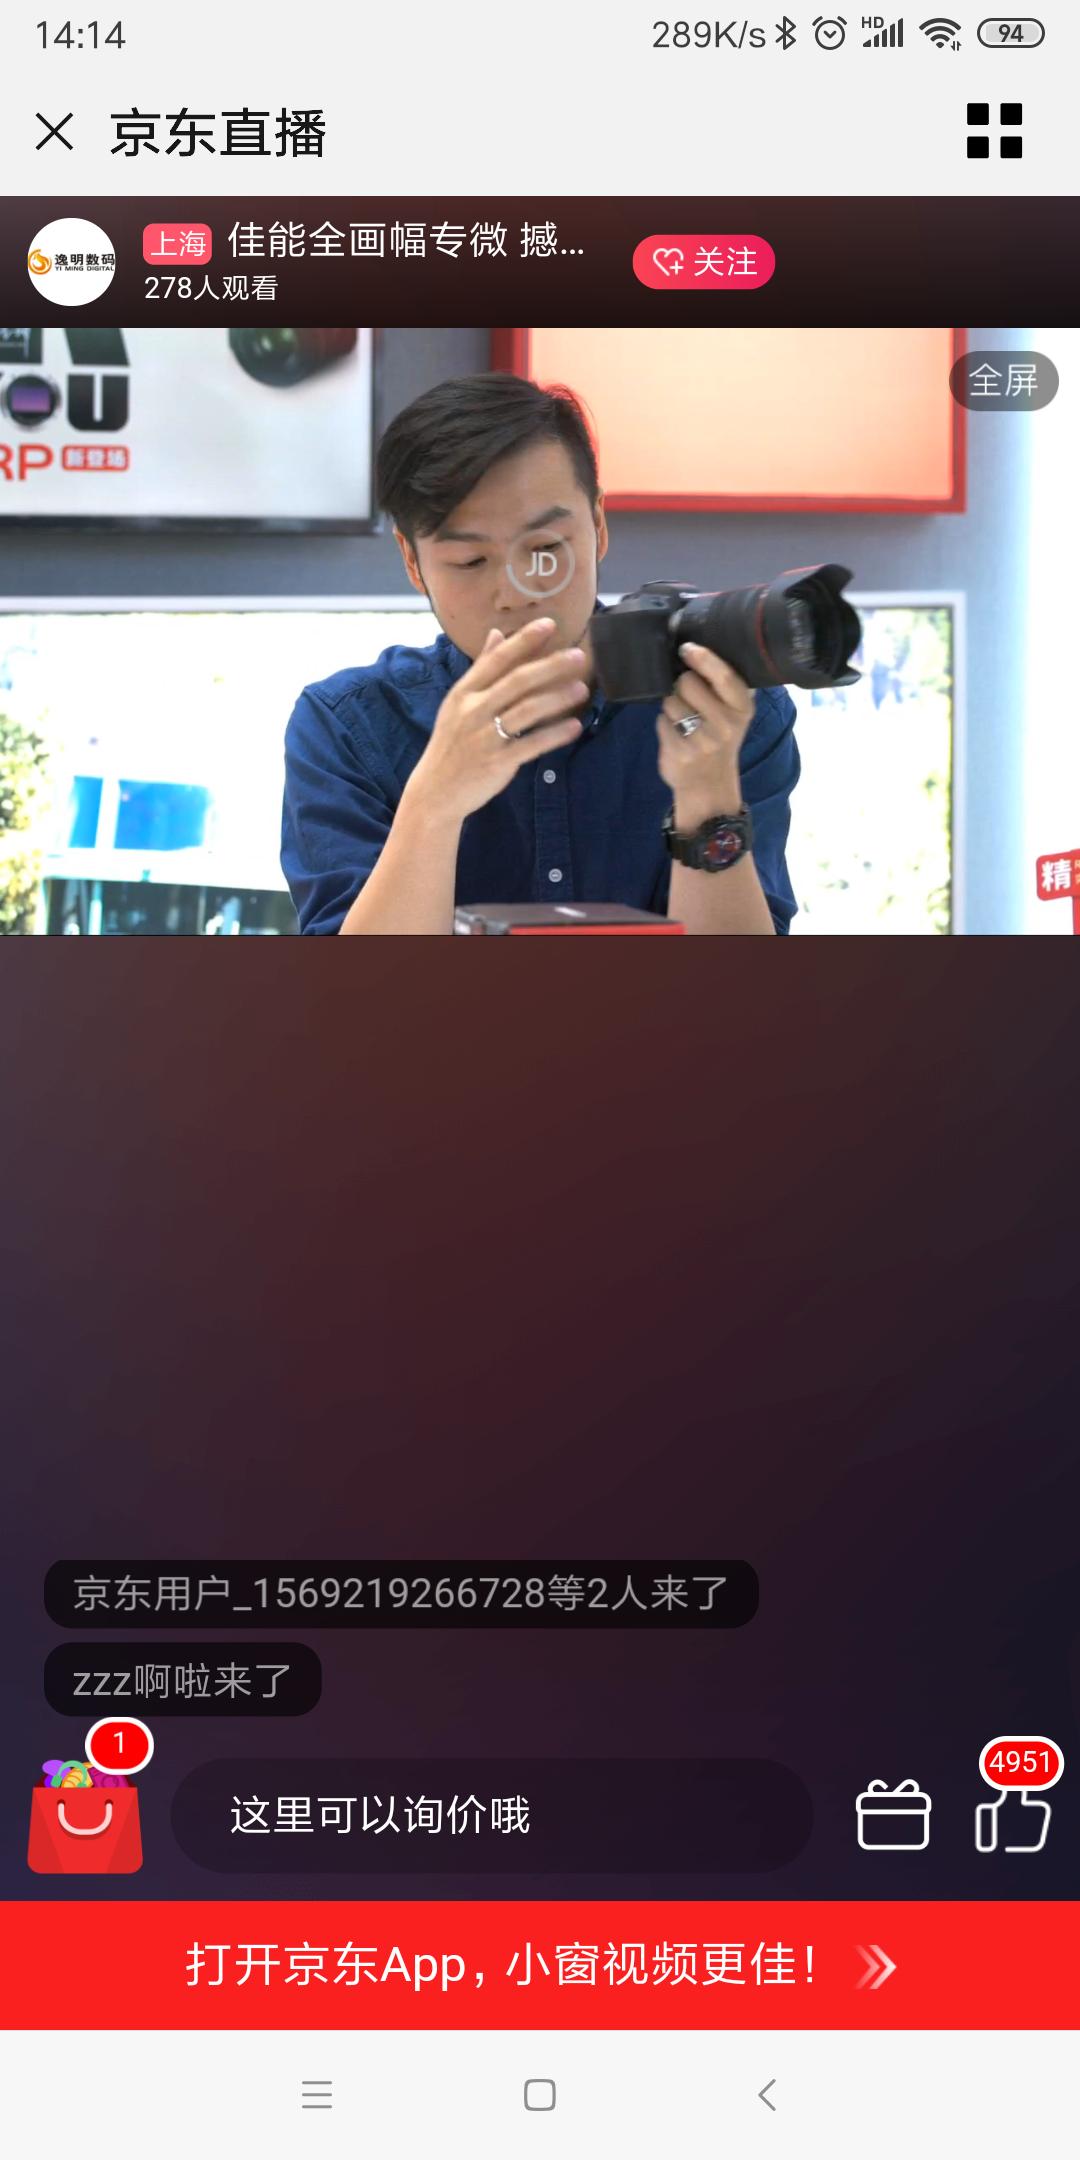 Screenshot_2019-09-23-14-14-35-331_com.tencent.mm.png